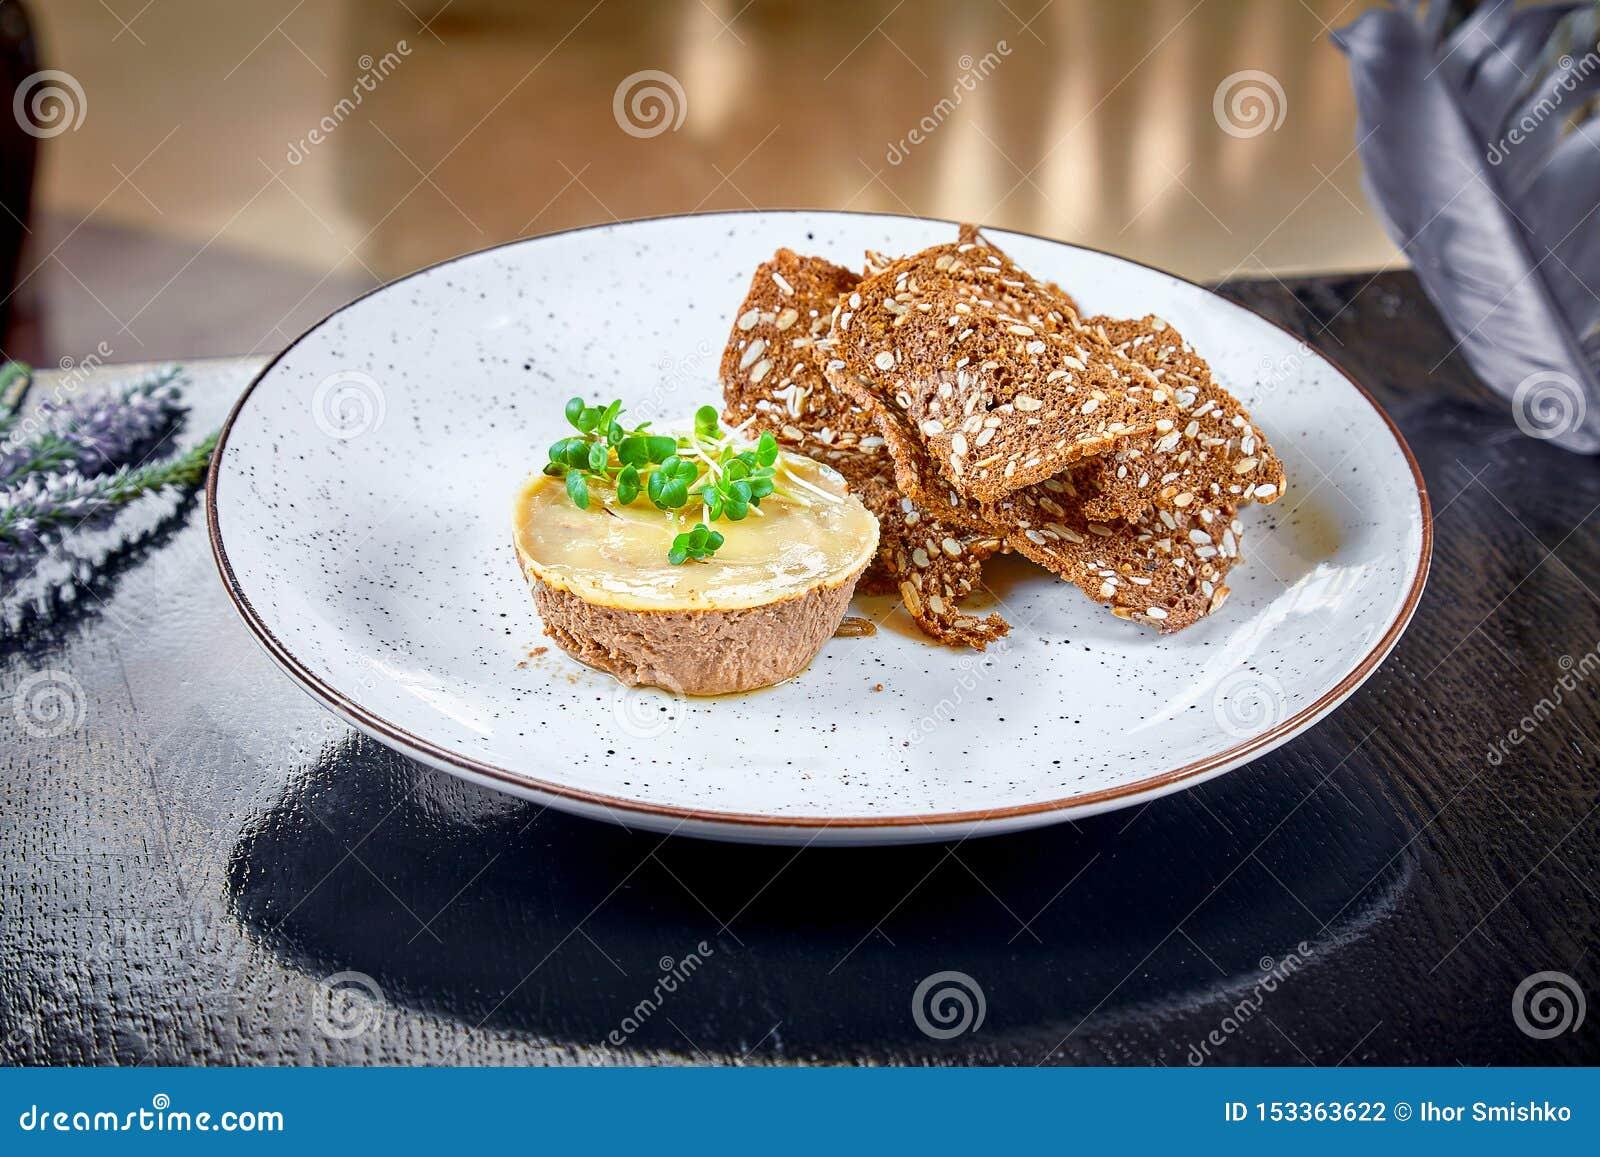 Ny hemlagad höna- eller andleverpate med bröd, krutonger på den vita plattan Stranda av h?r v?nder mot in Kopieringsutrymme som ?